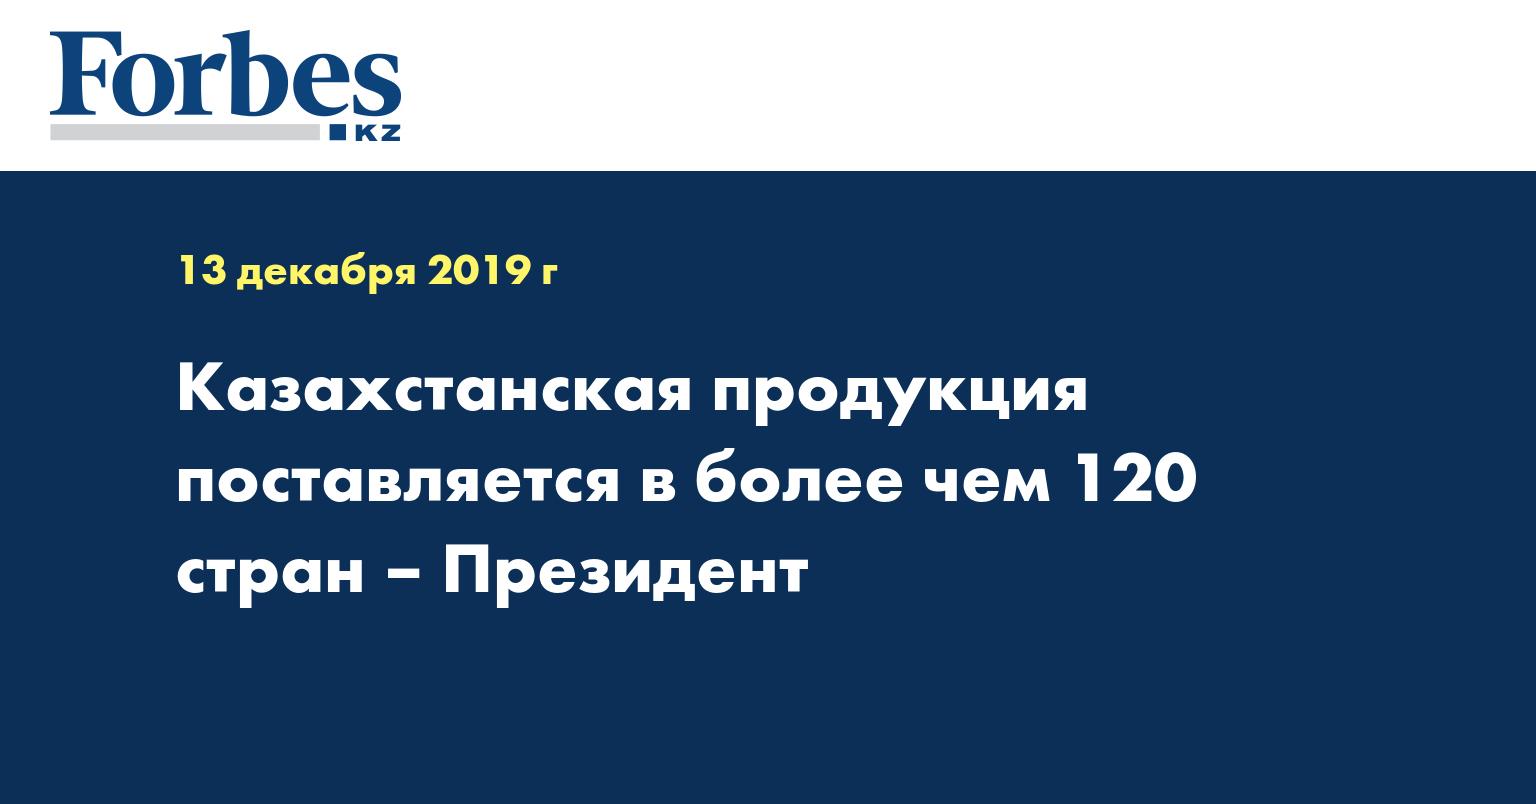 Казахстанская продукция поставляется в более чем 120 стран – Президент